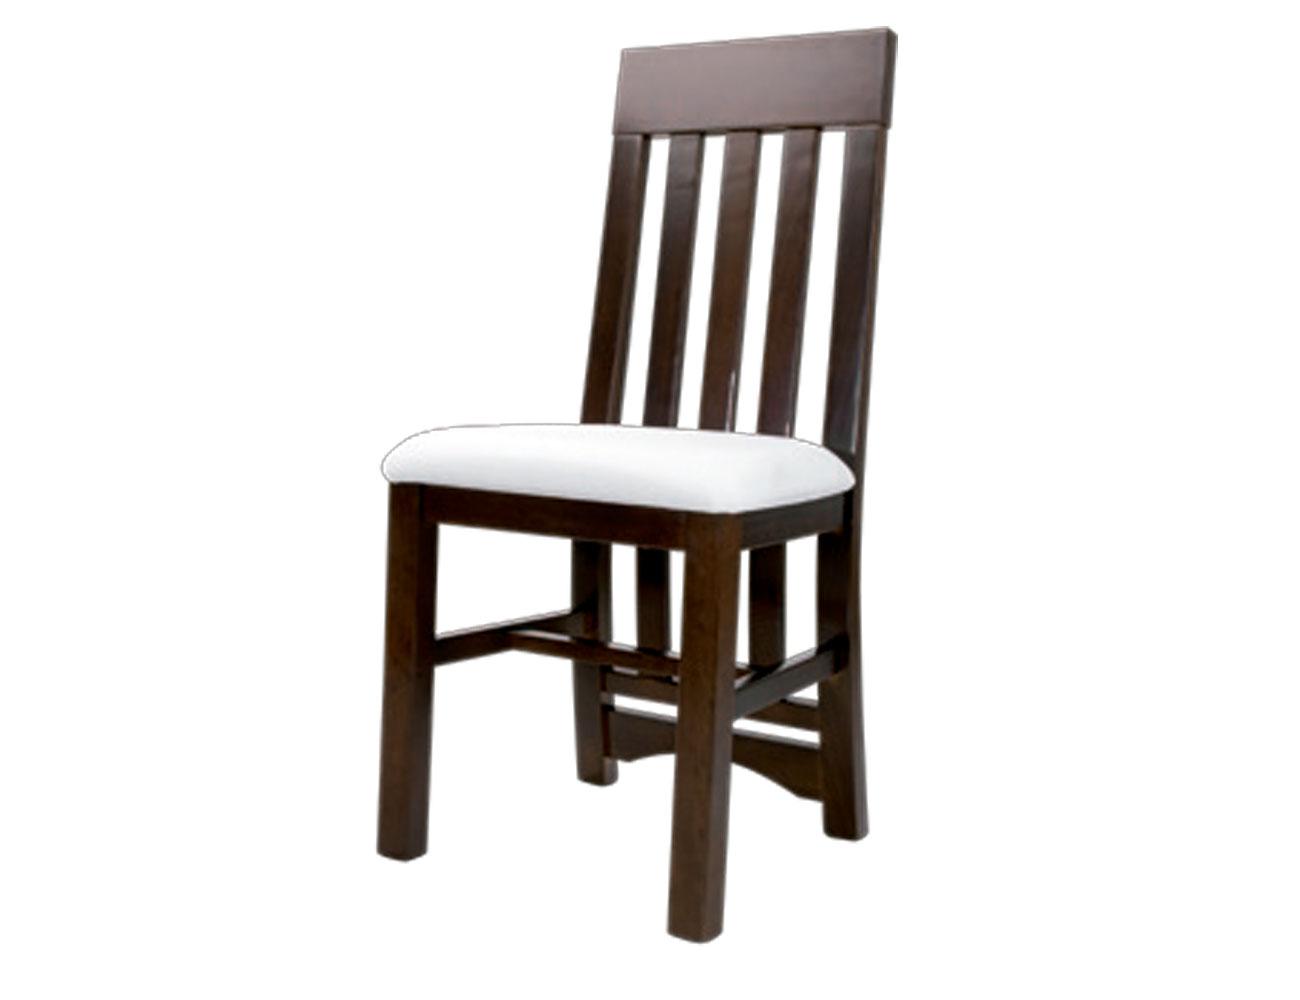 C0 56 silla madera3